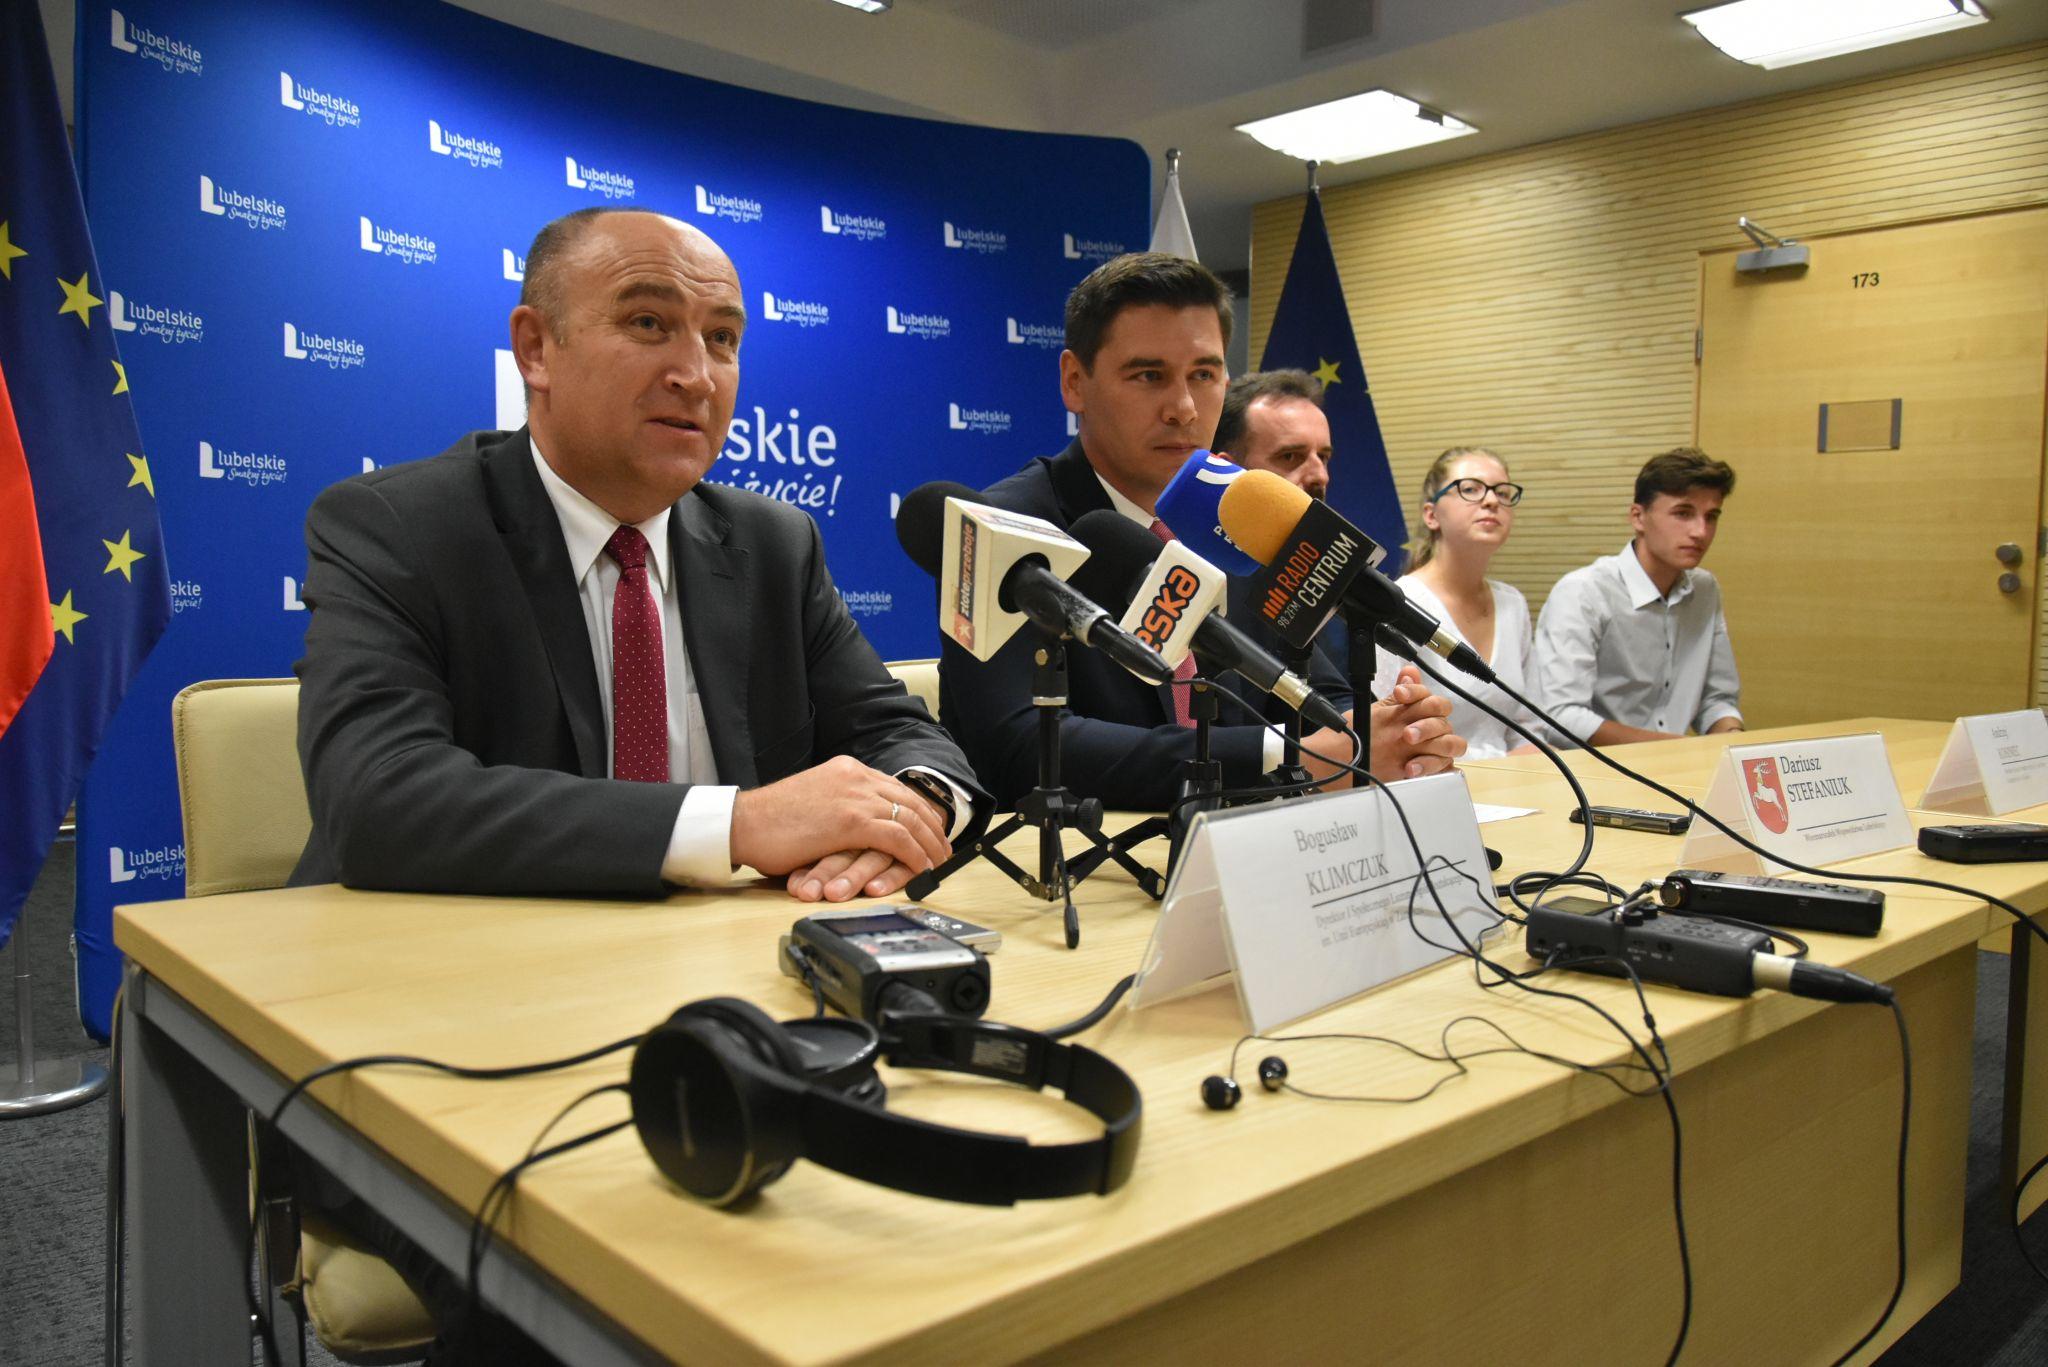 stypendysci 4 Stypendia dla uzdolnionej młodzieży z woj. lubelskiego. Trwa nabór wniosków